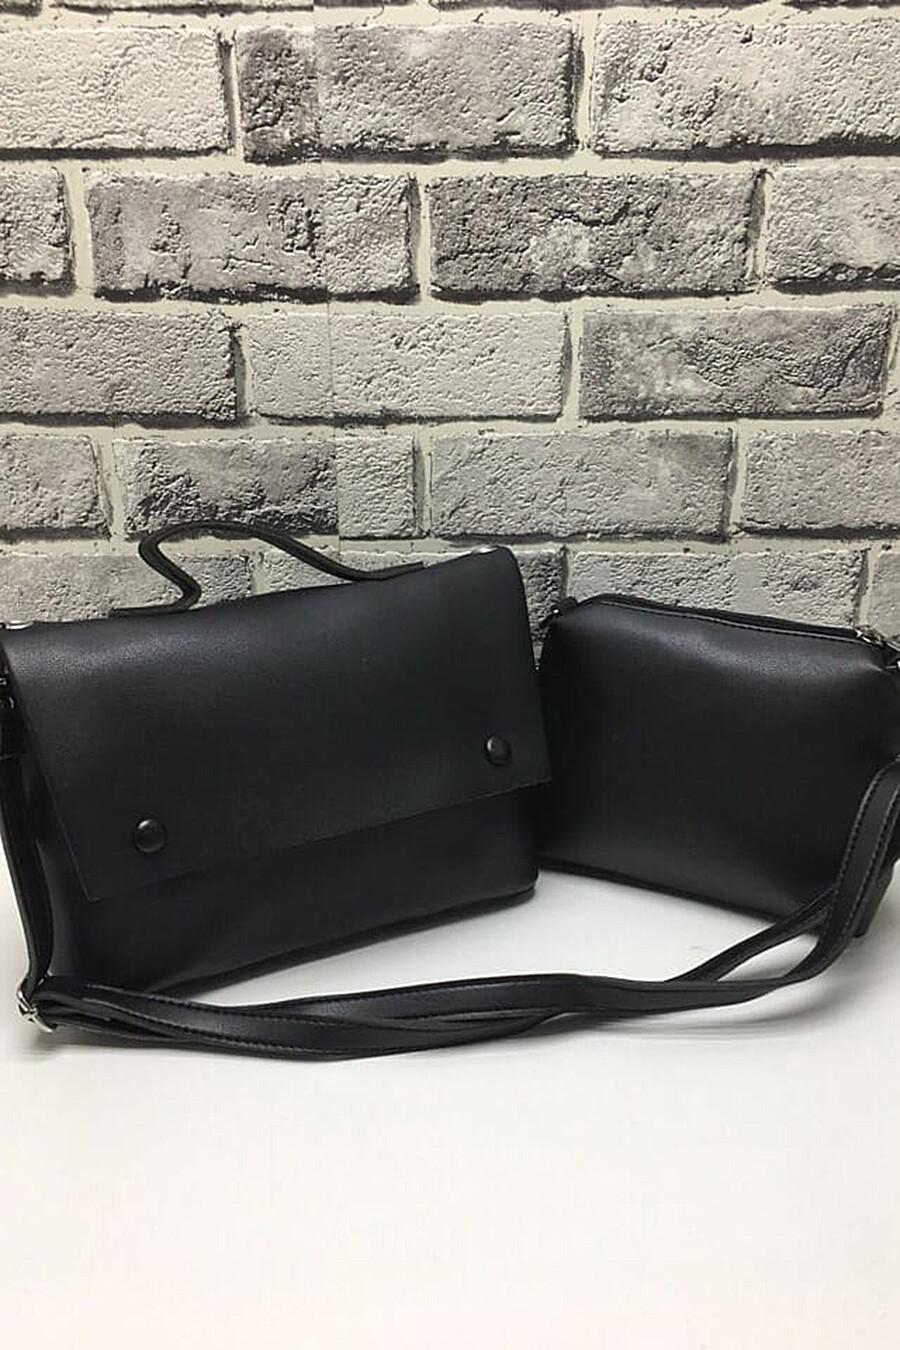 Сумка-портфель + органайзер-кроссбоди #96367